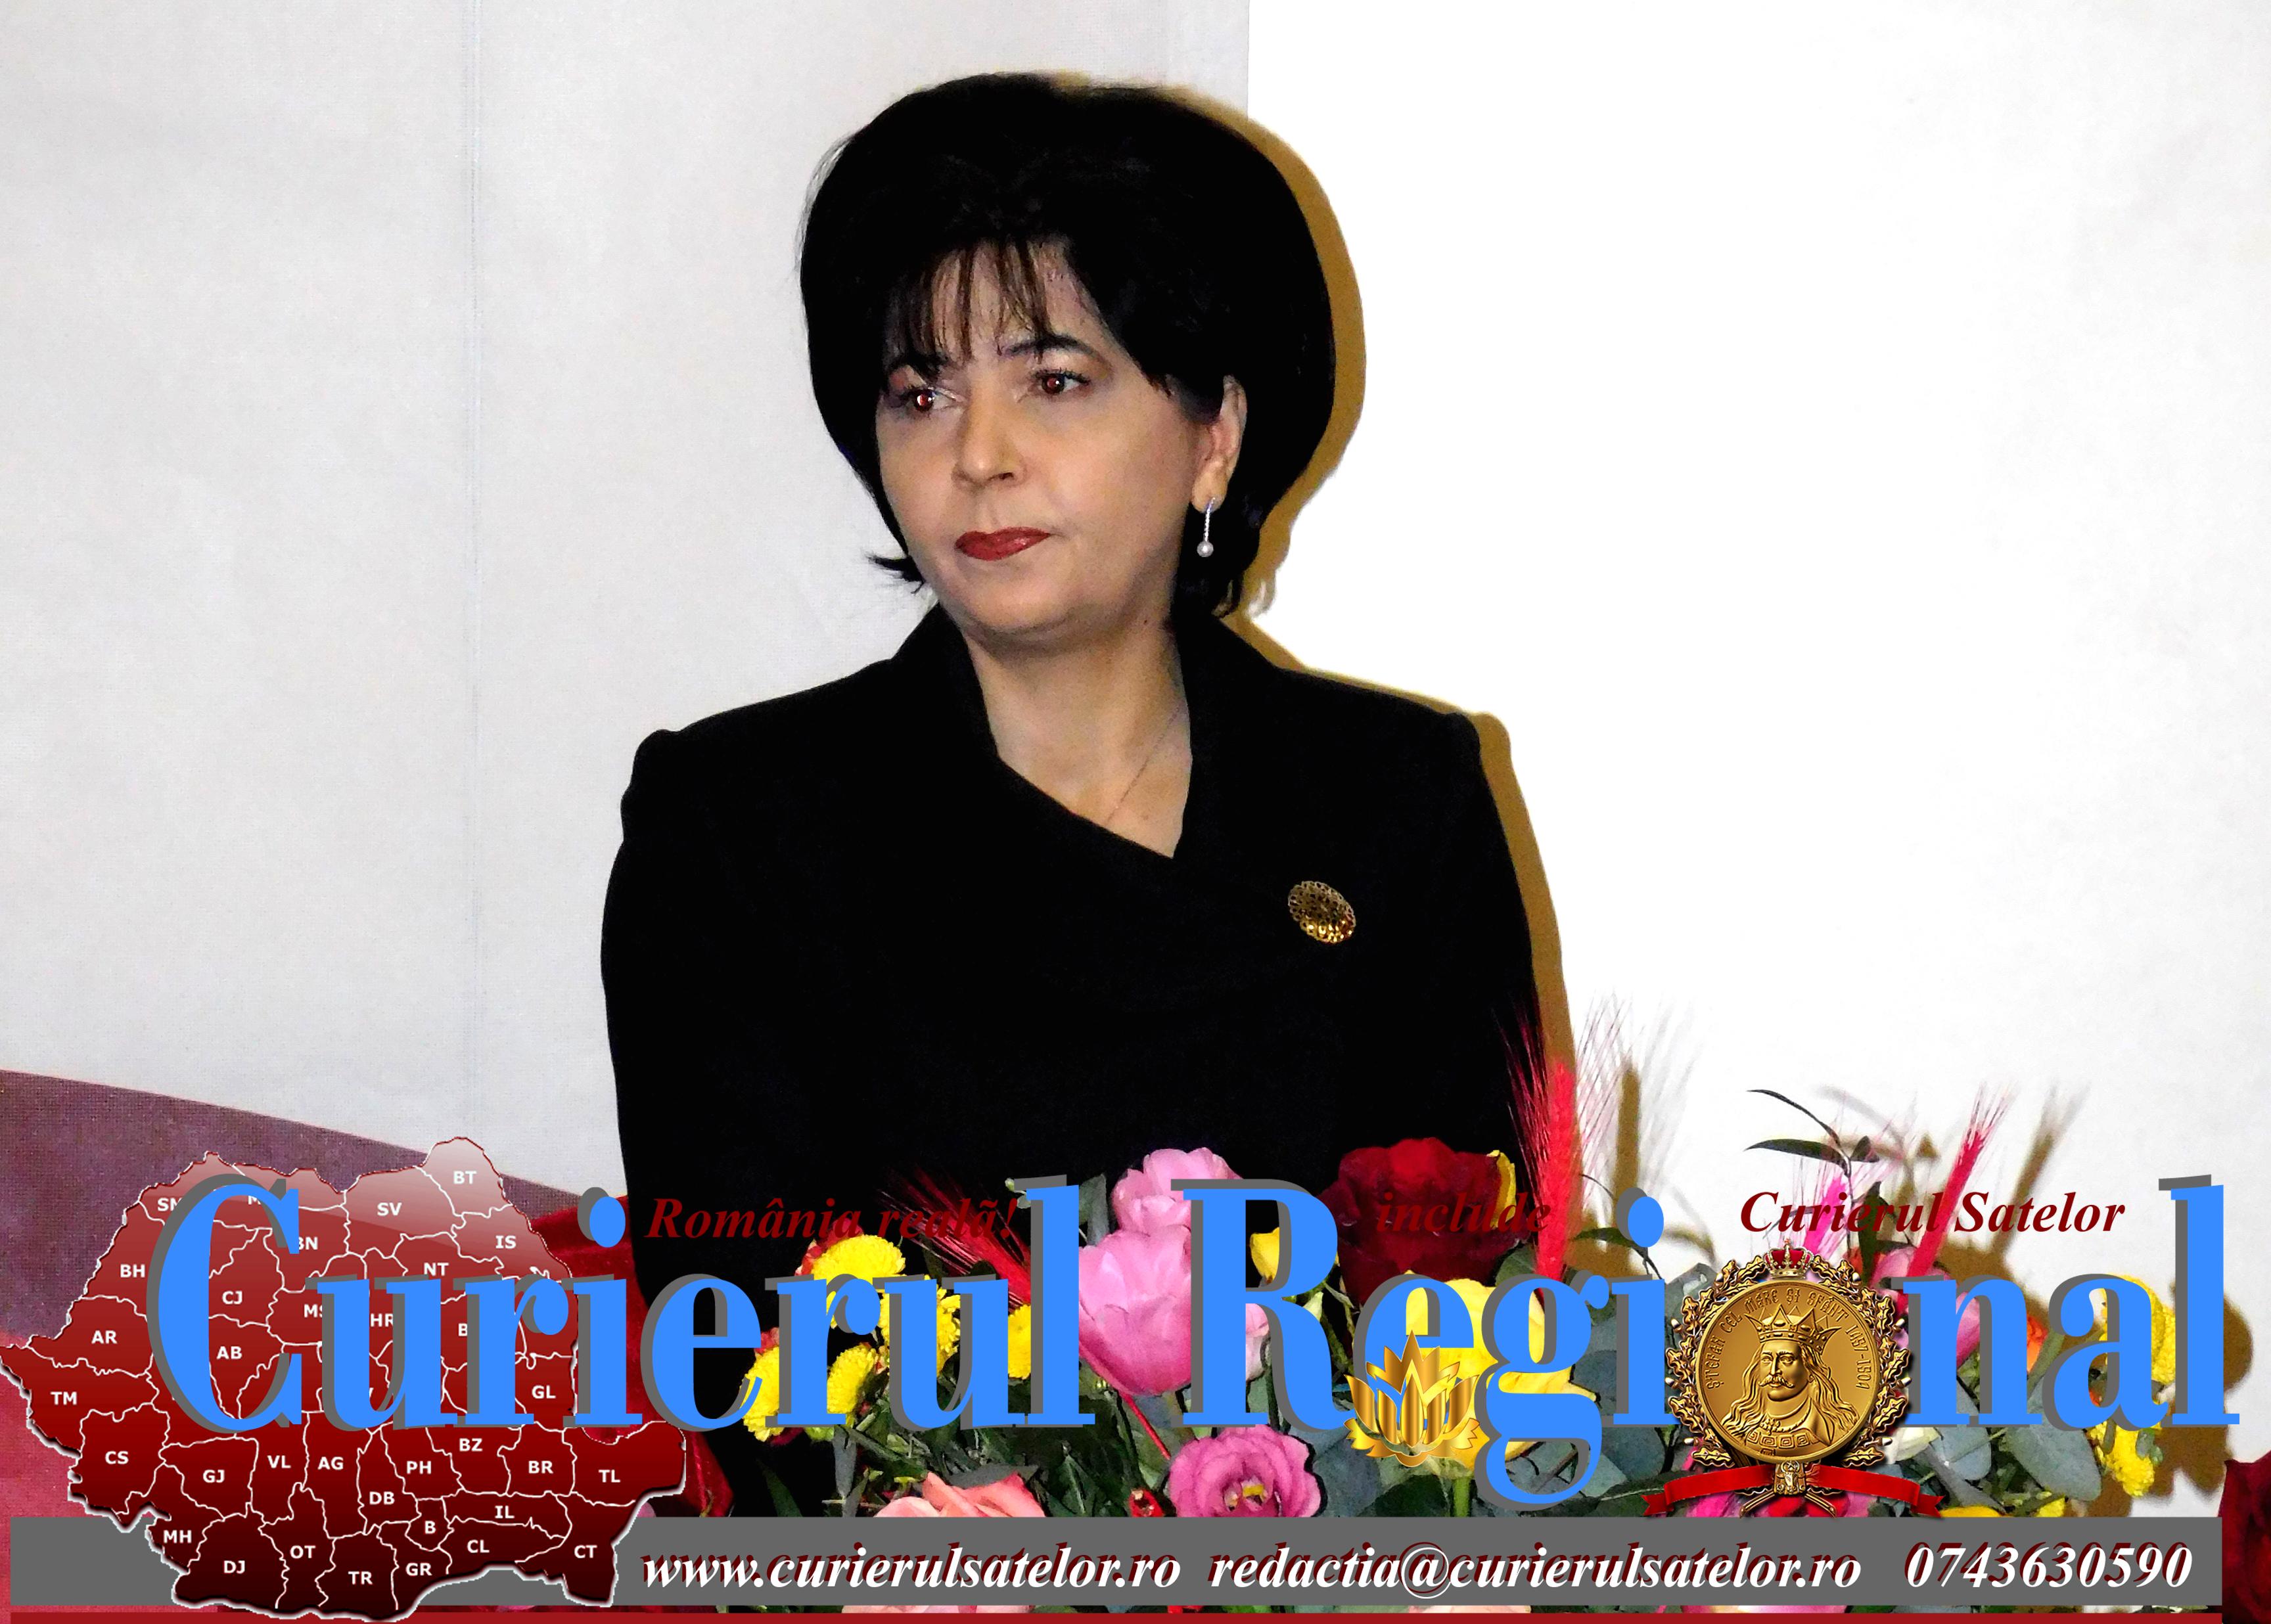 Doina Federovici: Statul va acoperi 75% din salariile angajaților trimiși în șomaj tehnic 17